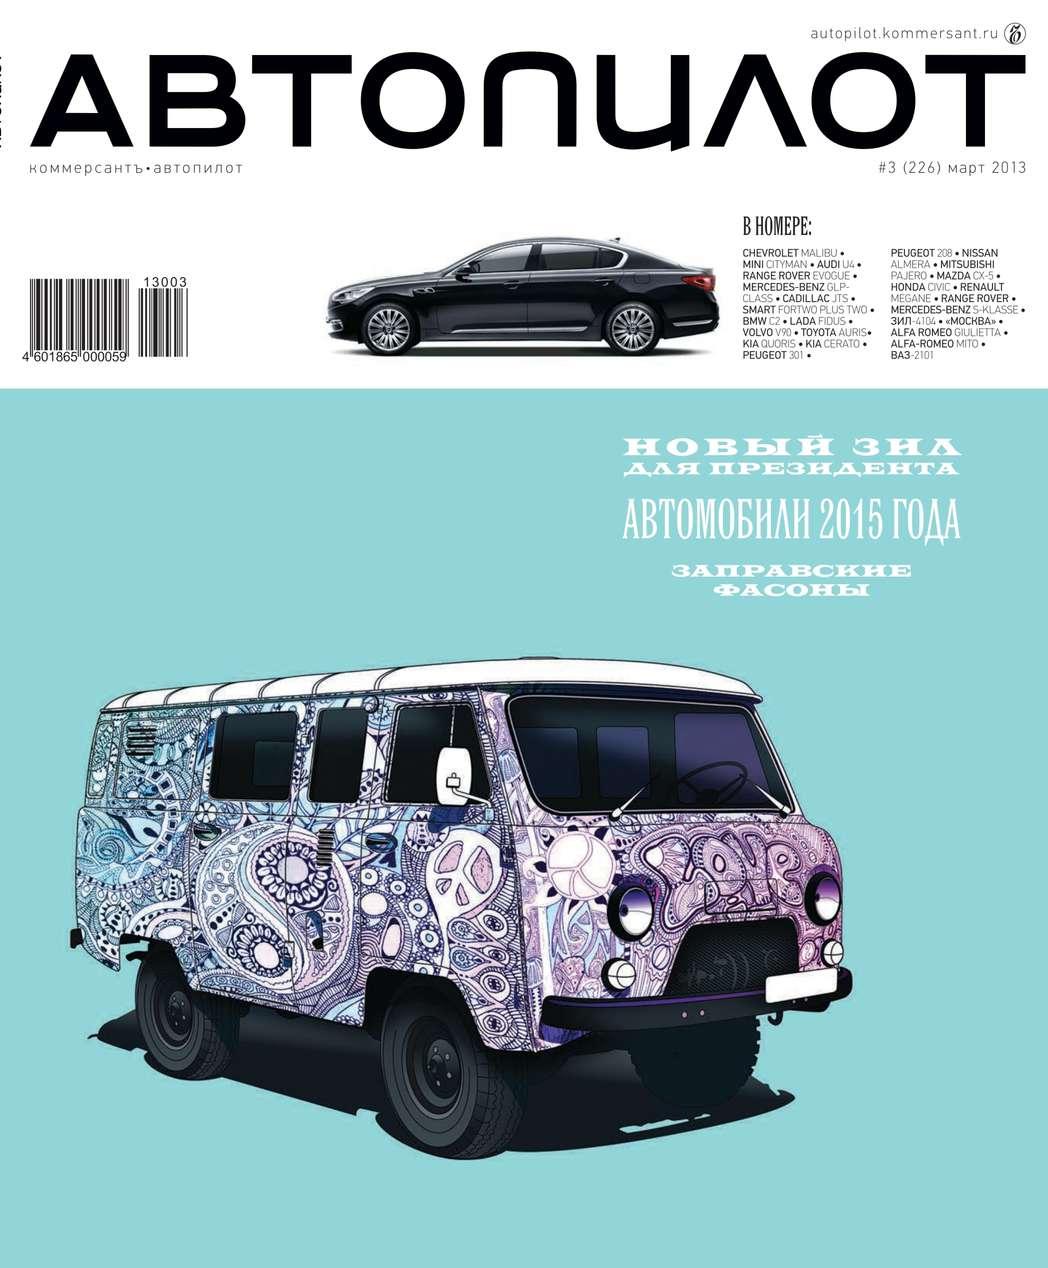 Редакция журнала Автопилот Автопилот 03-2013 новости для автомобилистов 2016